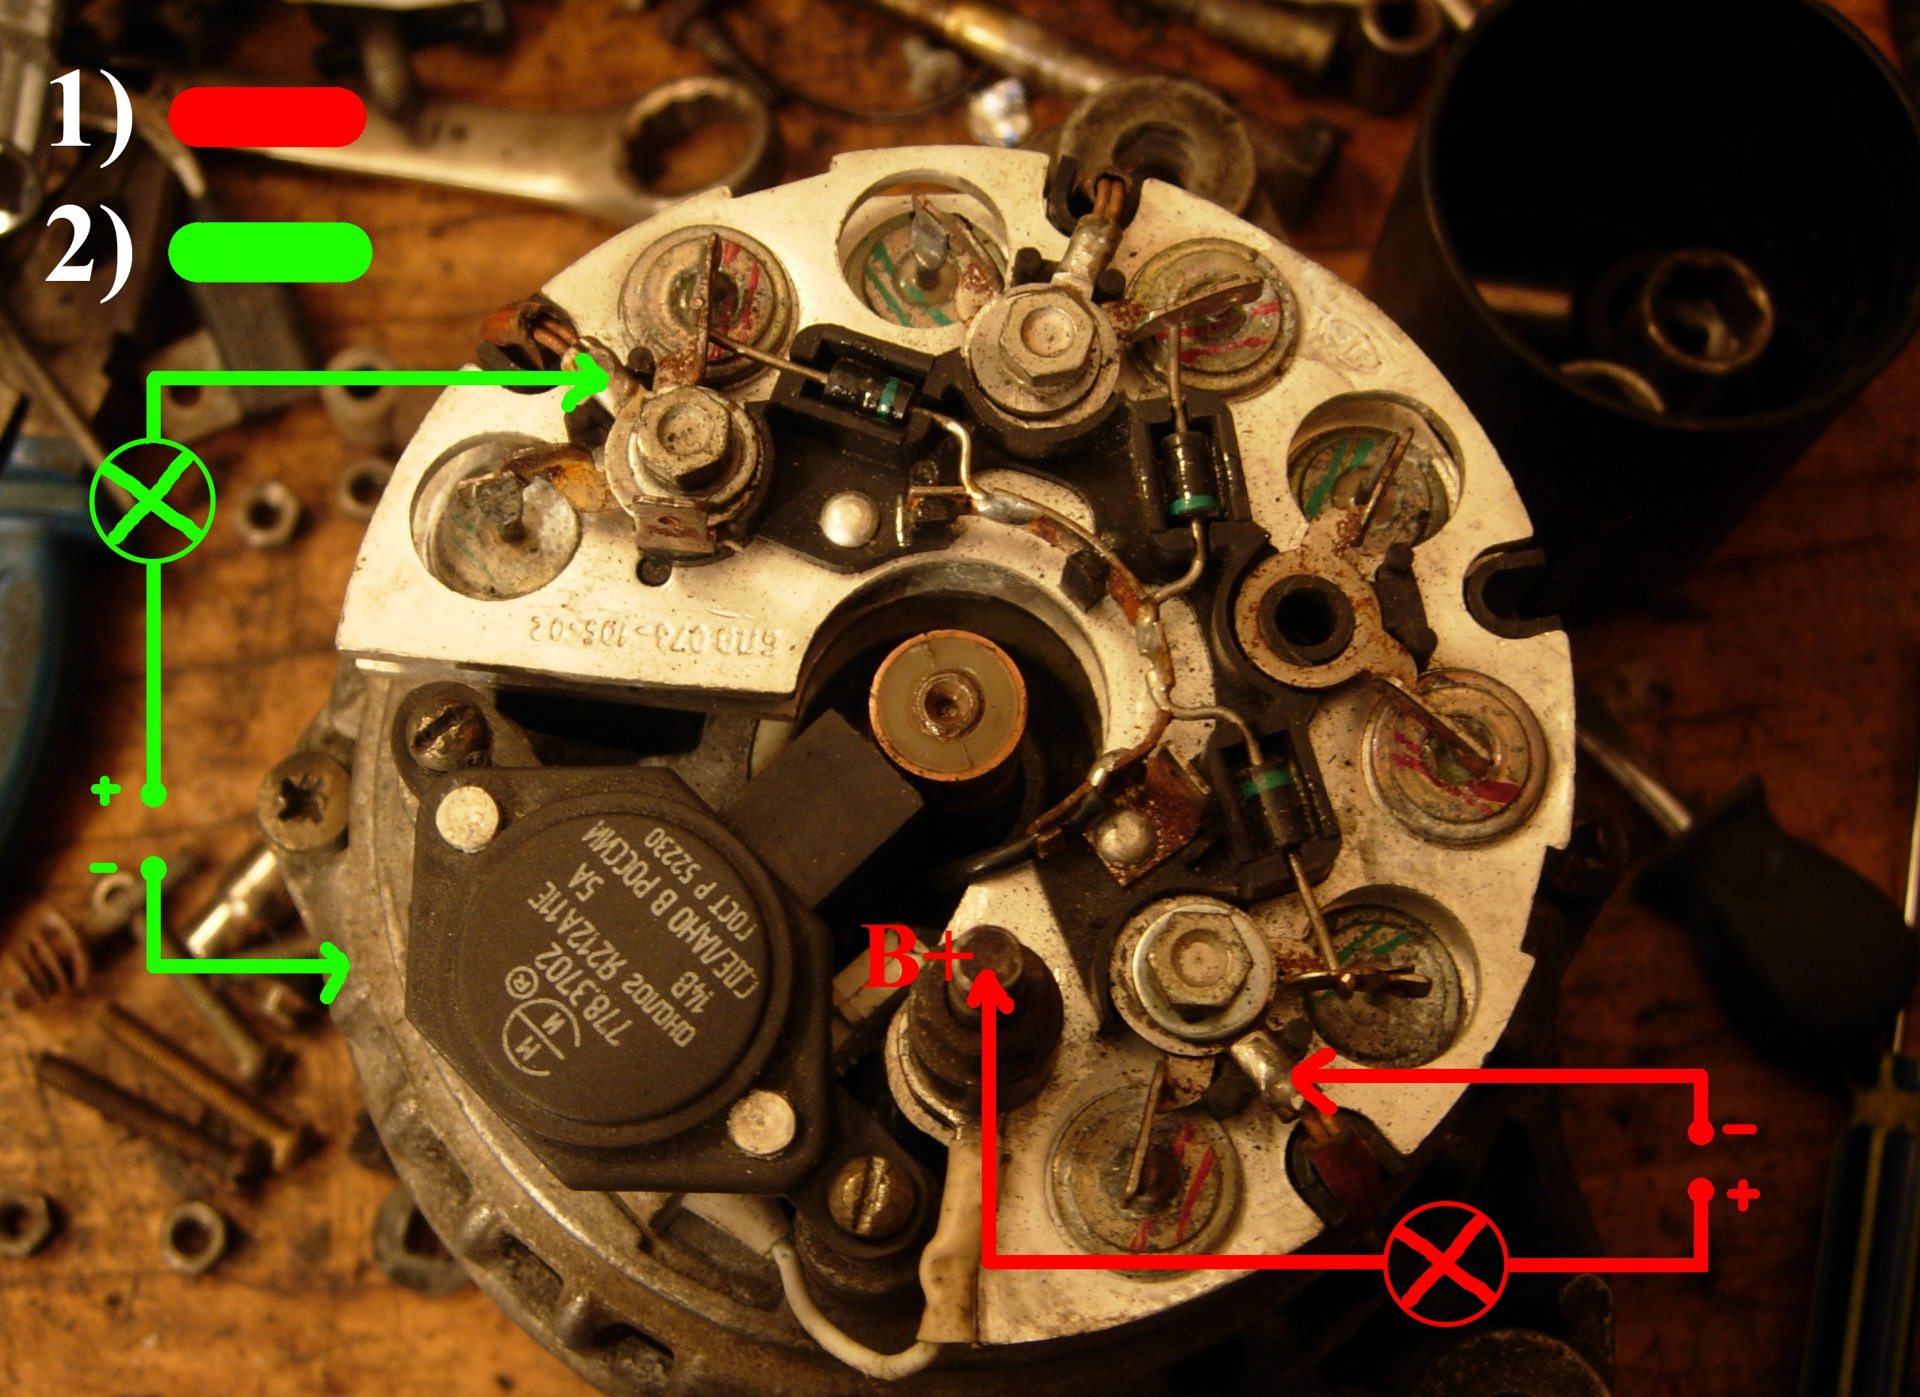 Проверка диодного моста лампочкой и аккумулятором